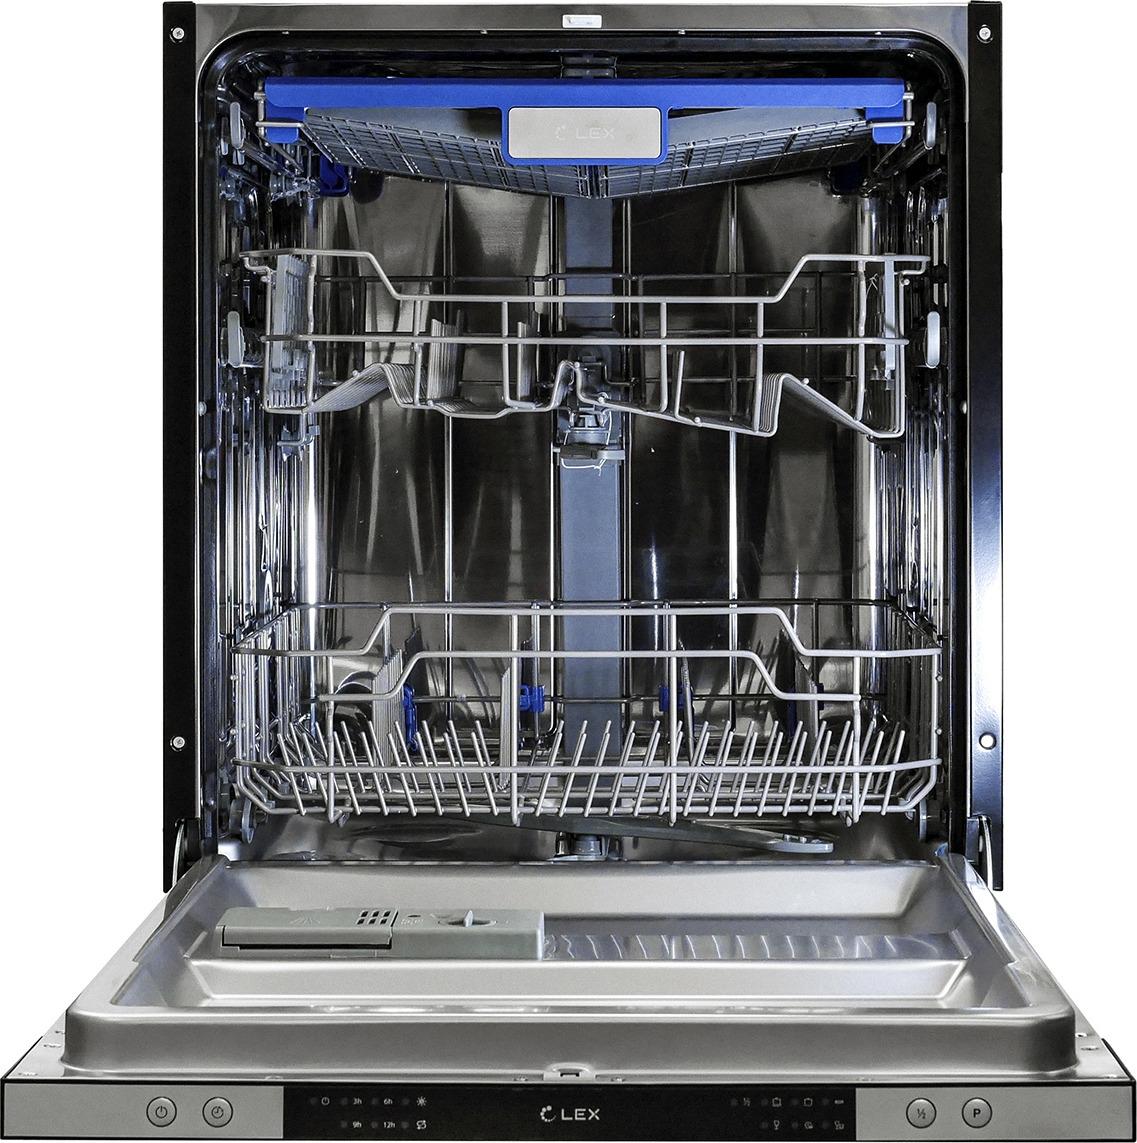 лучшая цена Встраиваемая посудомоечная машина Lex PM 6063 A, черный